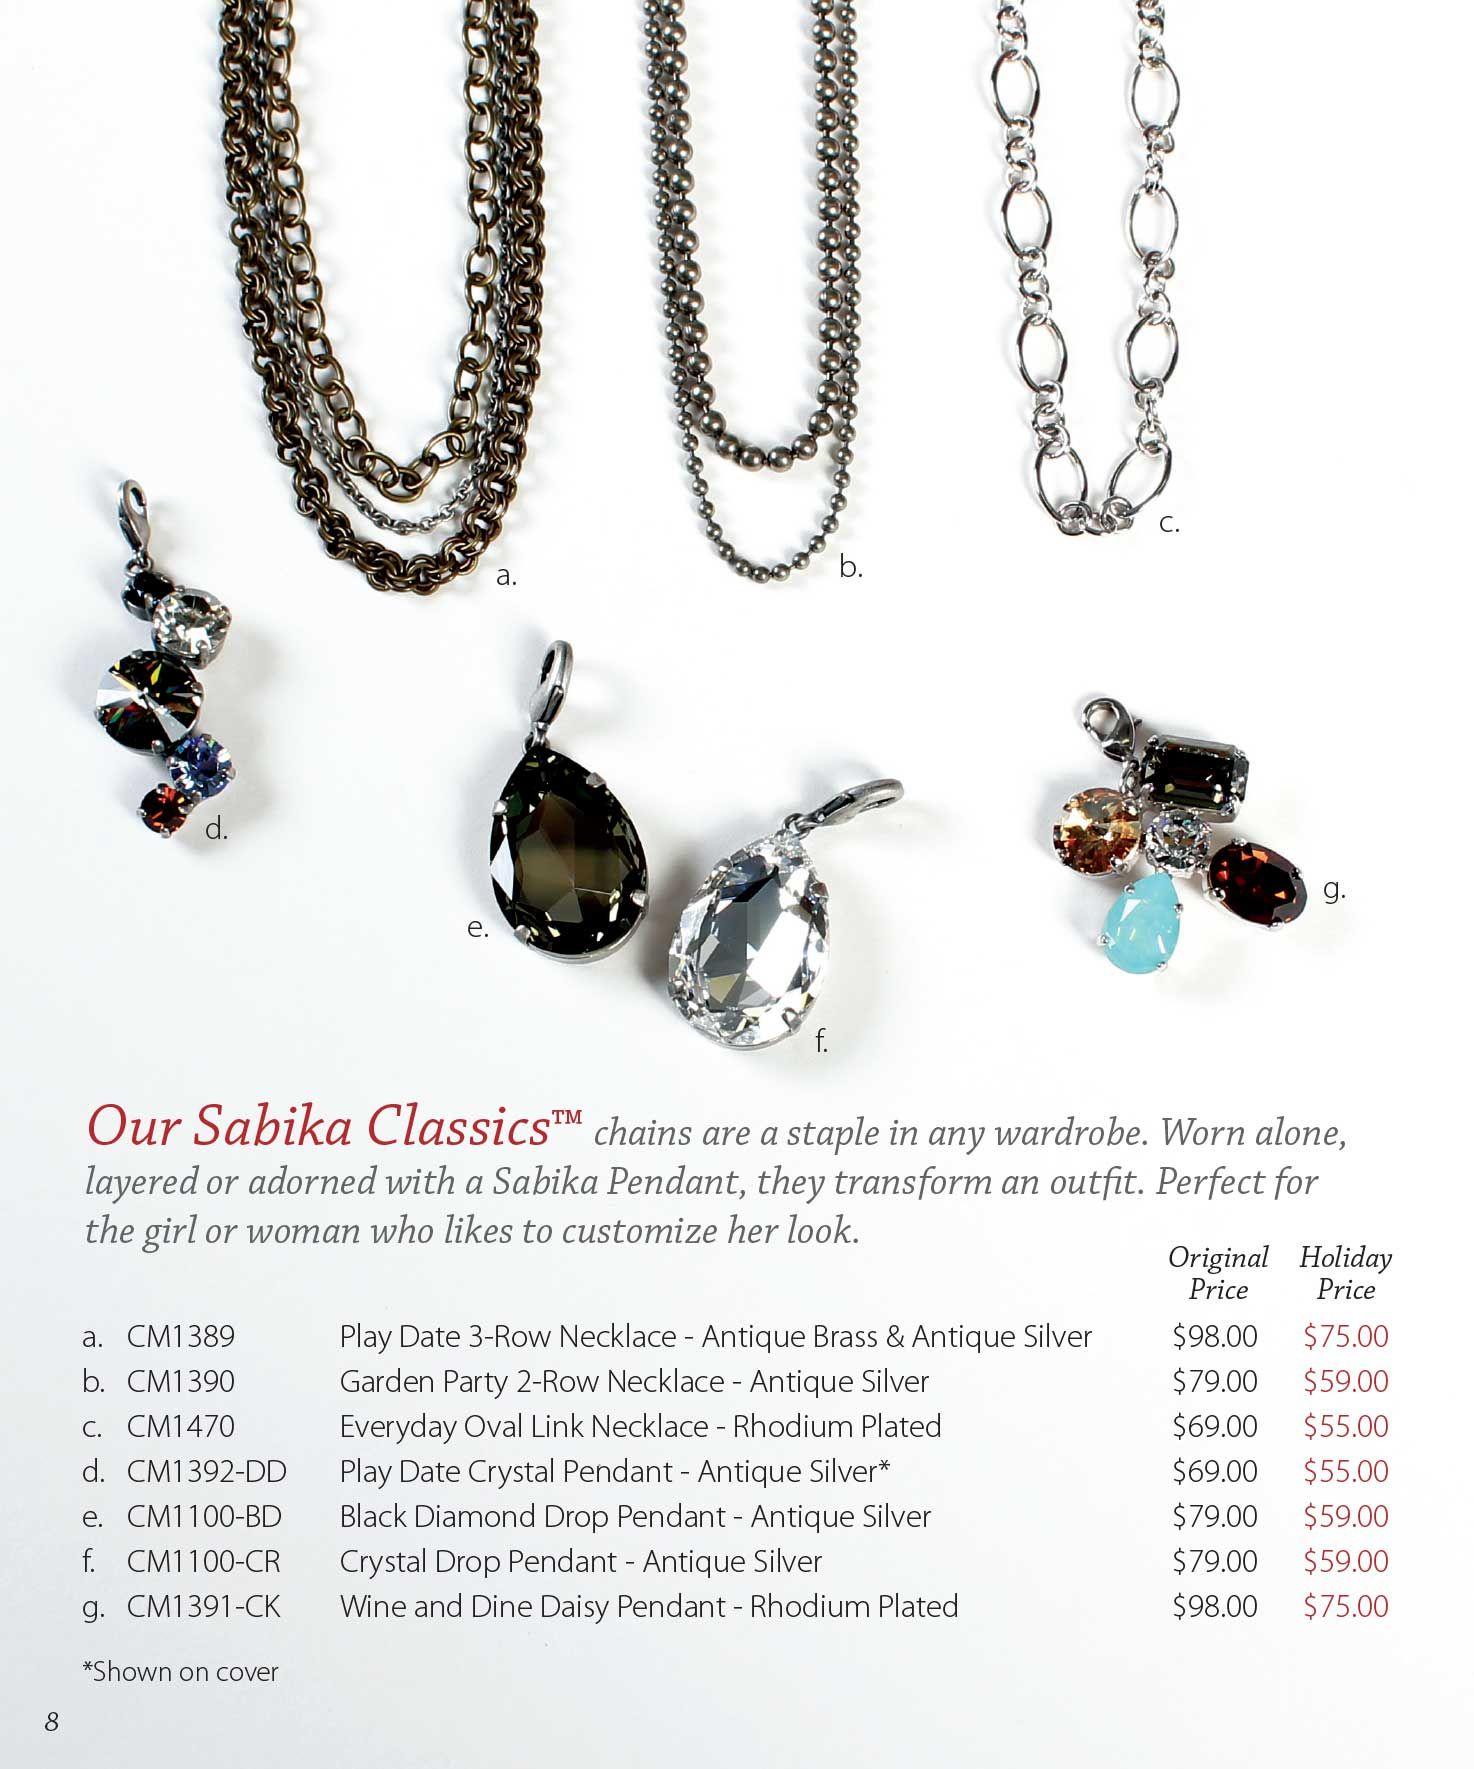 Sabika look necklace - She Sells Sabika Gmail Com Sabika Holiday Gift Collection